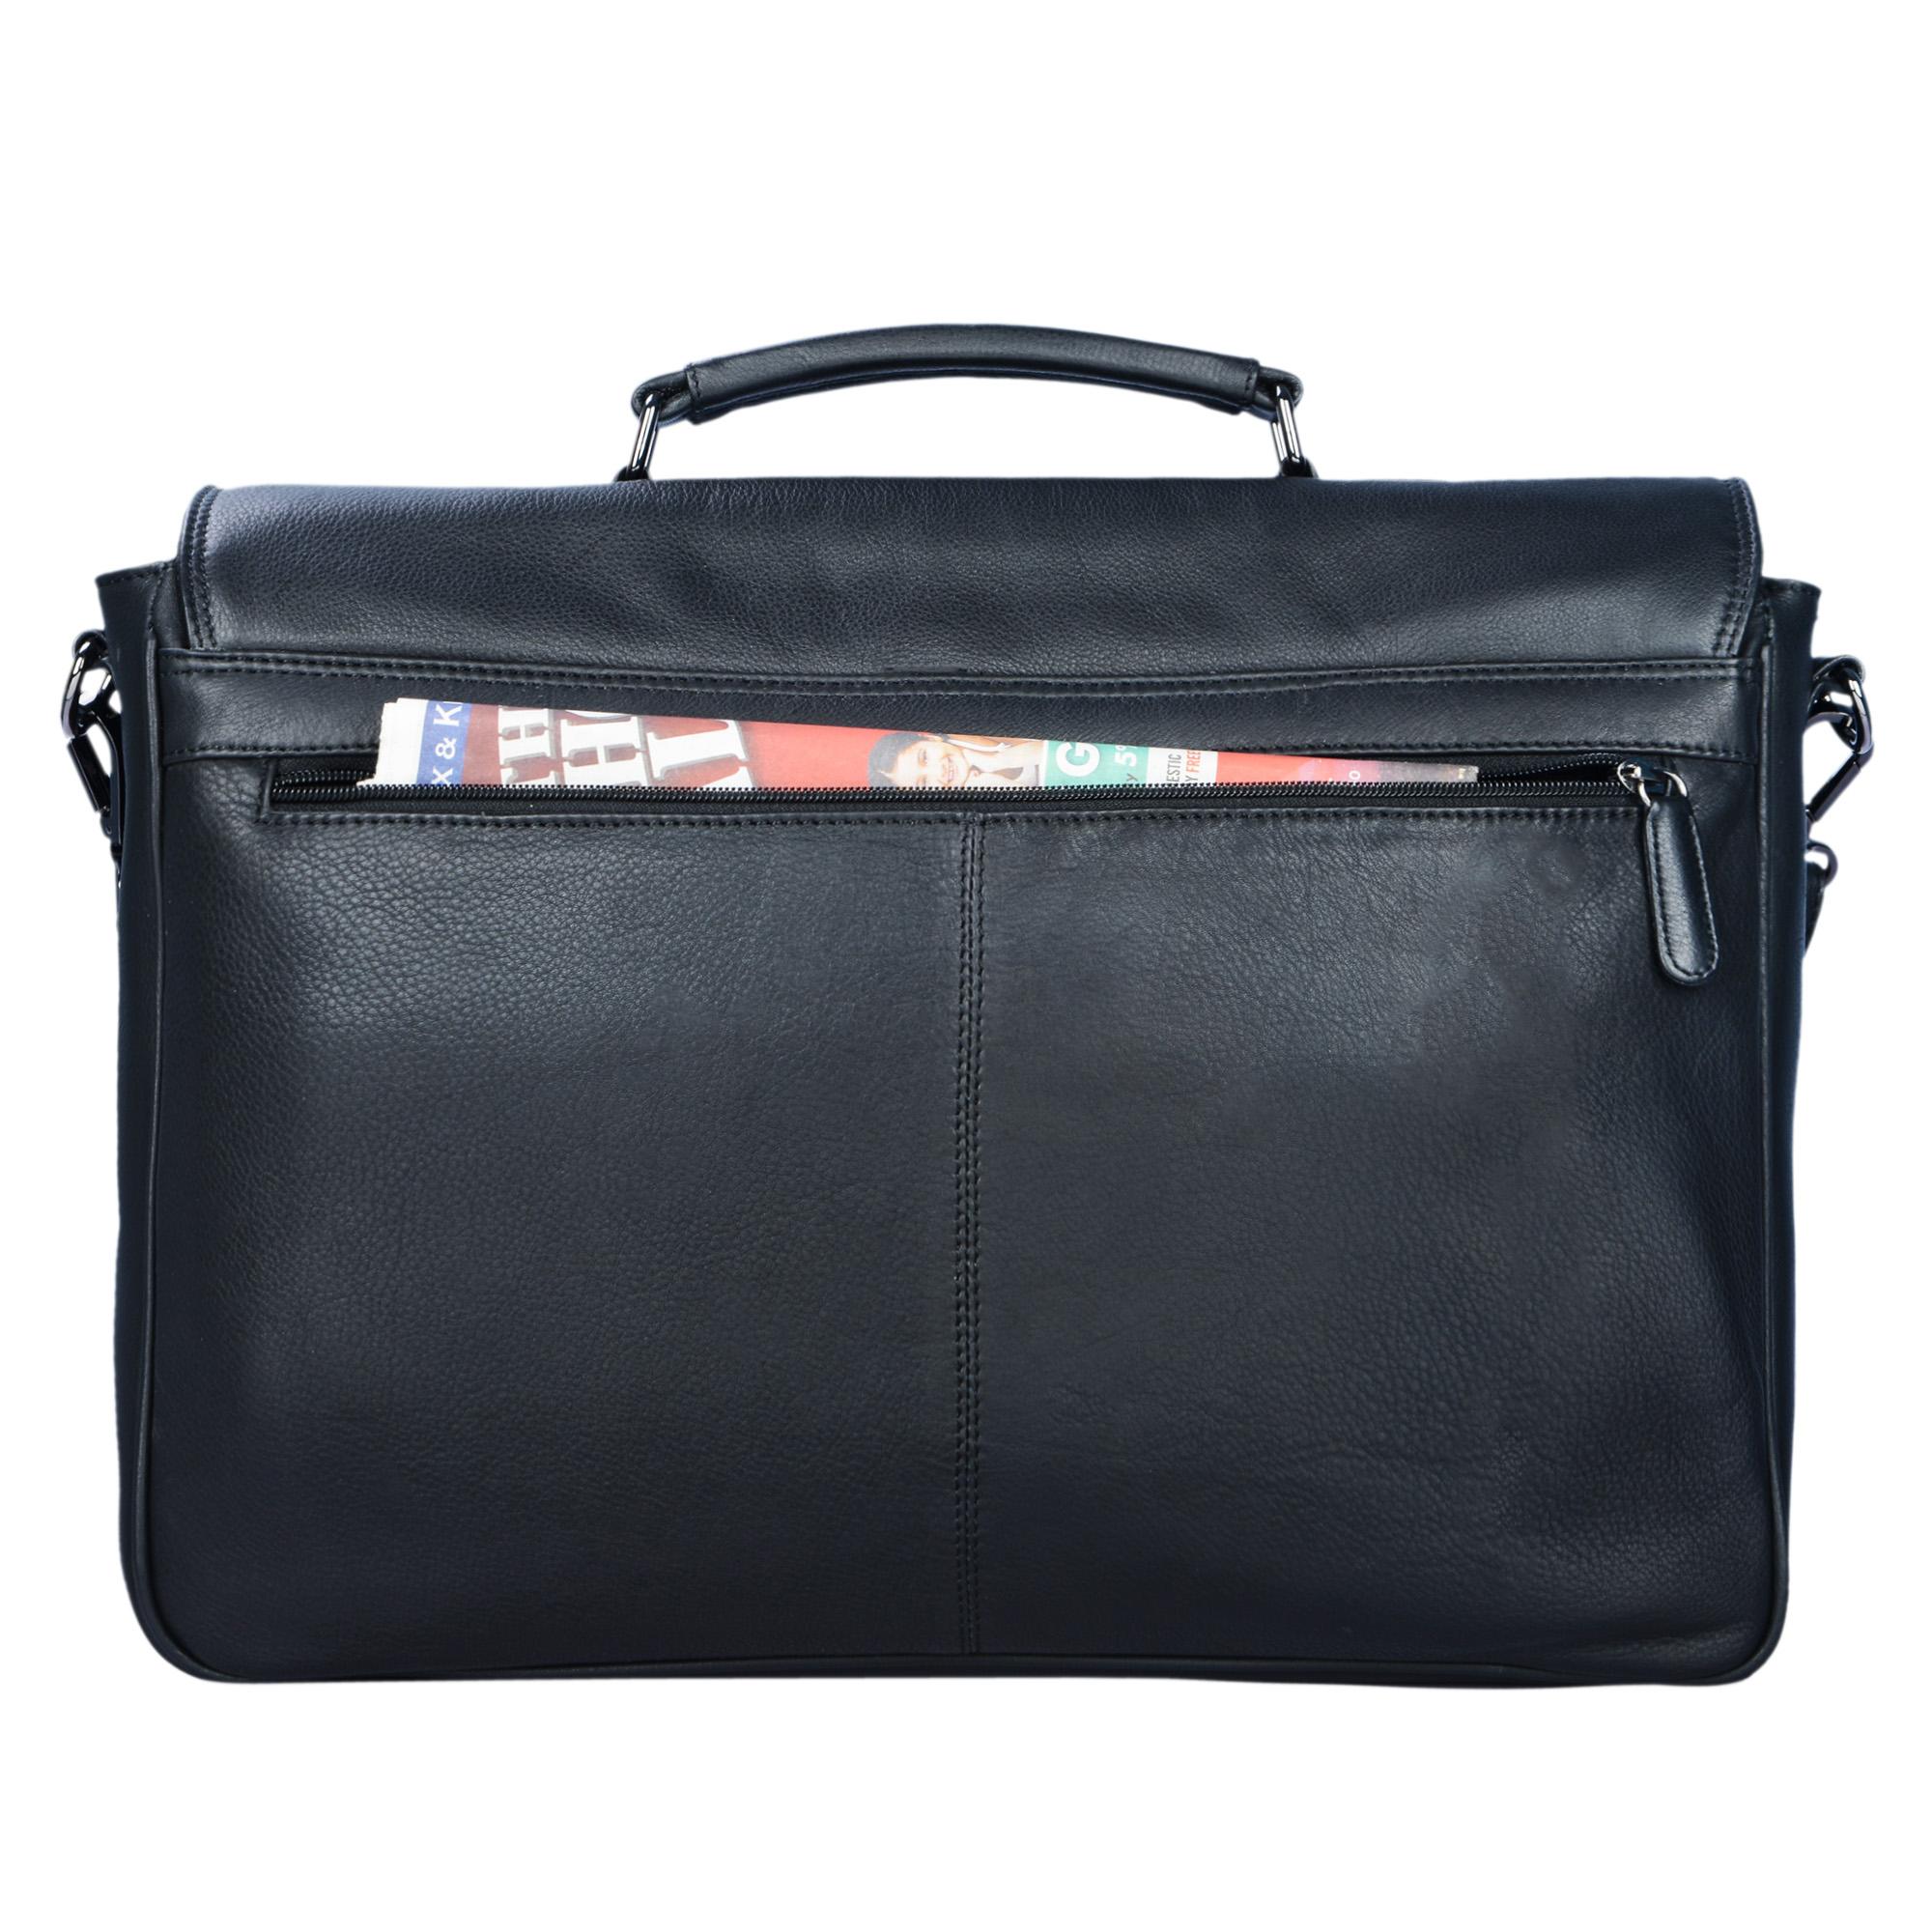 """STILORD """"Victor"""" Vintage Aktentasche Herren Leder moderne Businesstasche für große A4 Aktenordner XL Umhängetasche 15.6 Zoll mit Dreifachtrenner aus echtem Leder - Bild 21"""